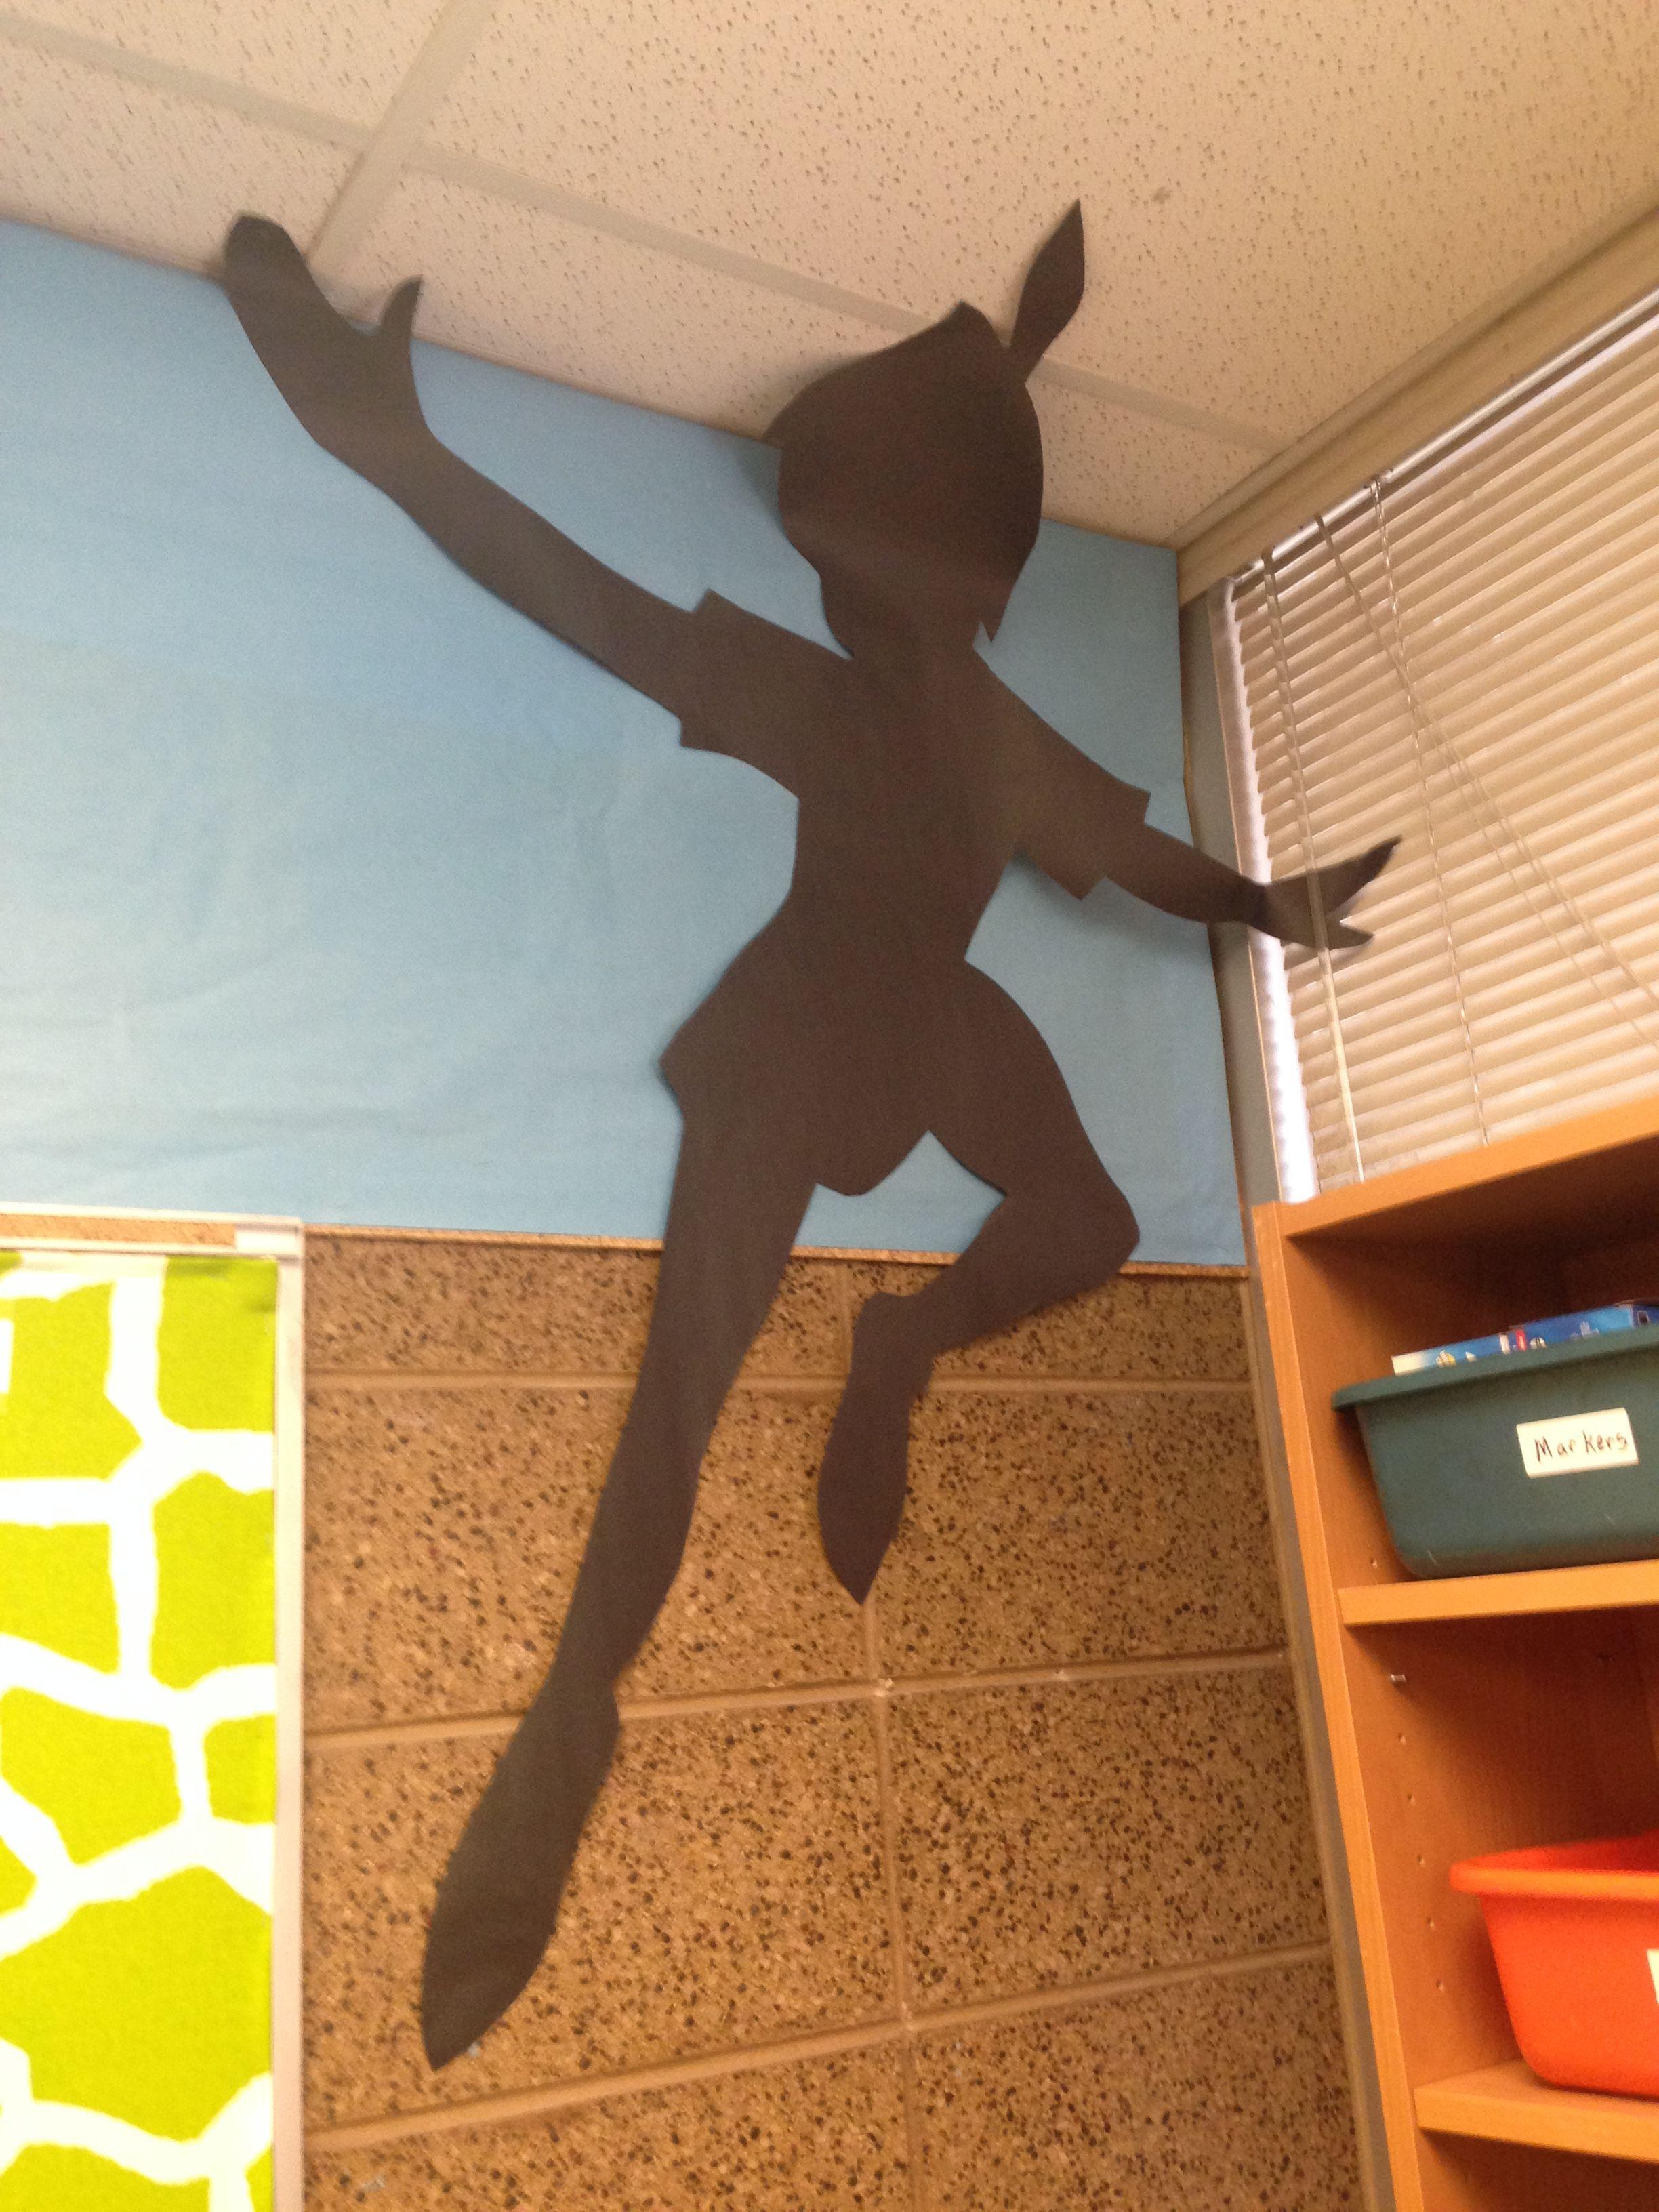 Peter Pan S Shadow Peterpan Classroom